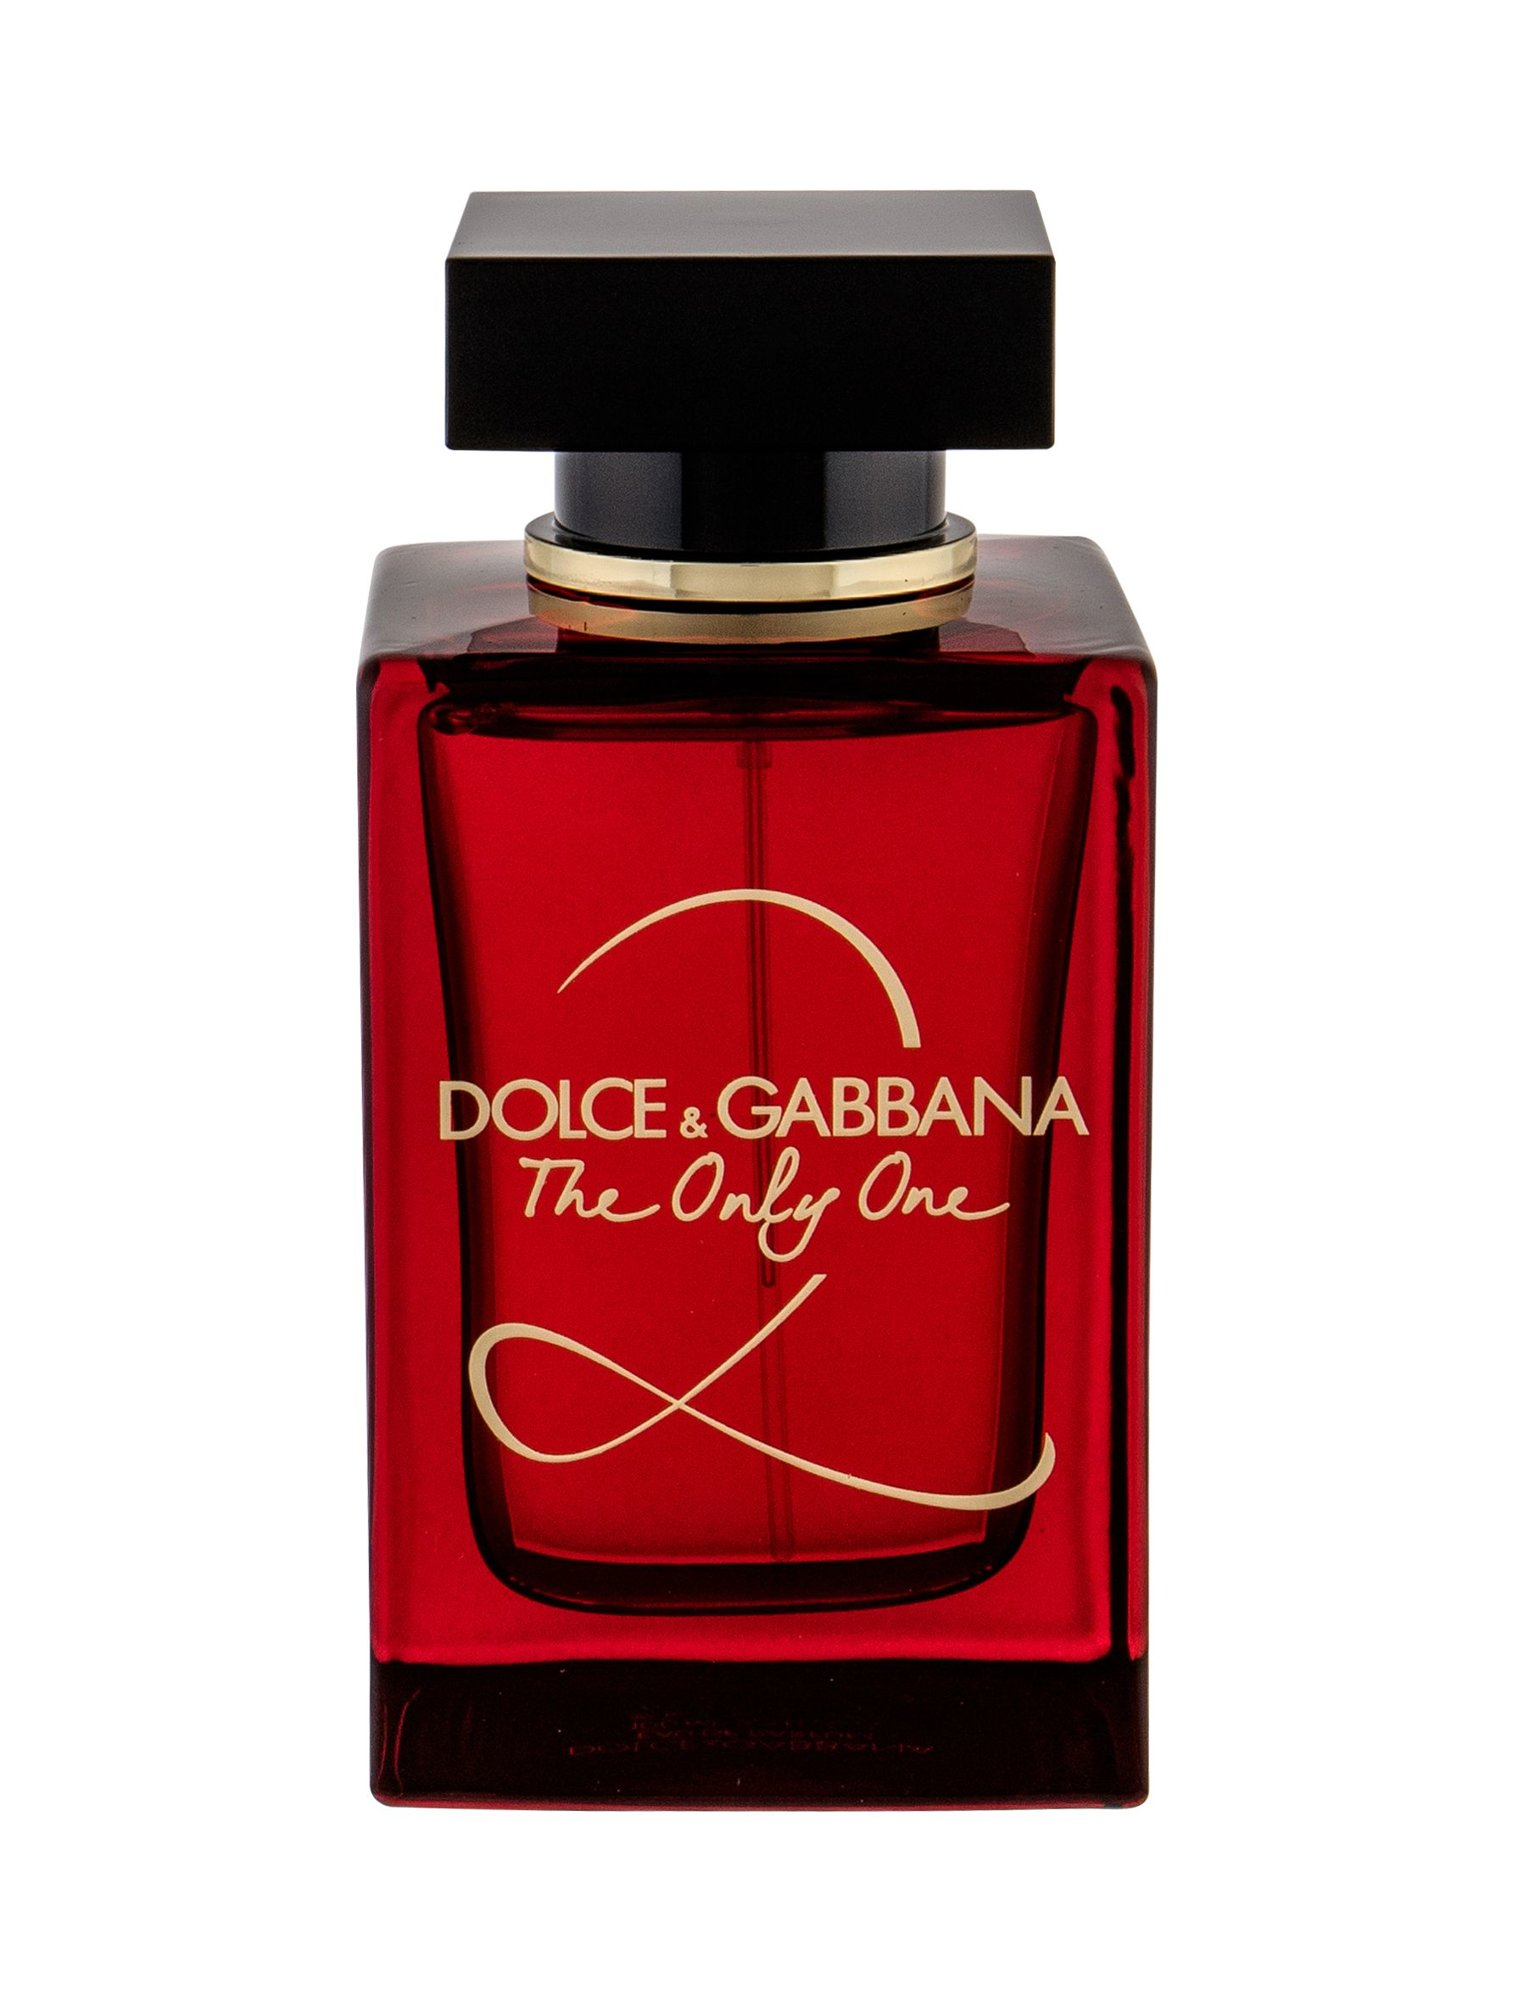 Dolce & Gabbana The Only One 2 - parfémová voda W Objem: 100 ml